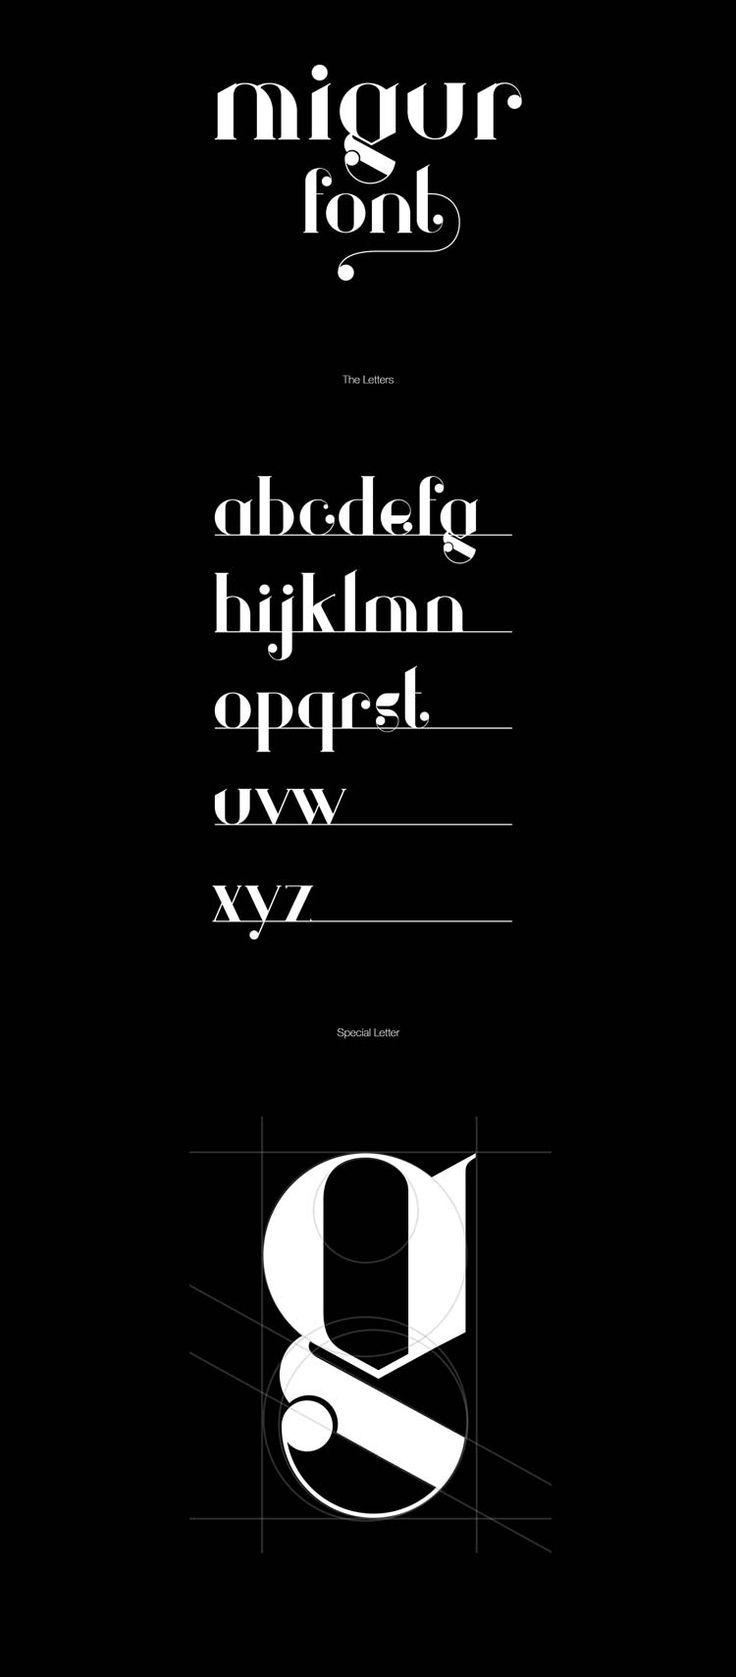 Hello les amis, nous continuons notre chasse aux belles typographies gratuites, et aujourd'hui je vous propose de découvrir une création du designer Wassim Awadallah. Cette nouvelle typo que vous allez pouvoir télécharger et utiliser dans vos projets c'est Migur, une serif font avec de belles courbes et de belles lettres. Télécharger cette typographie